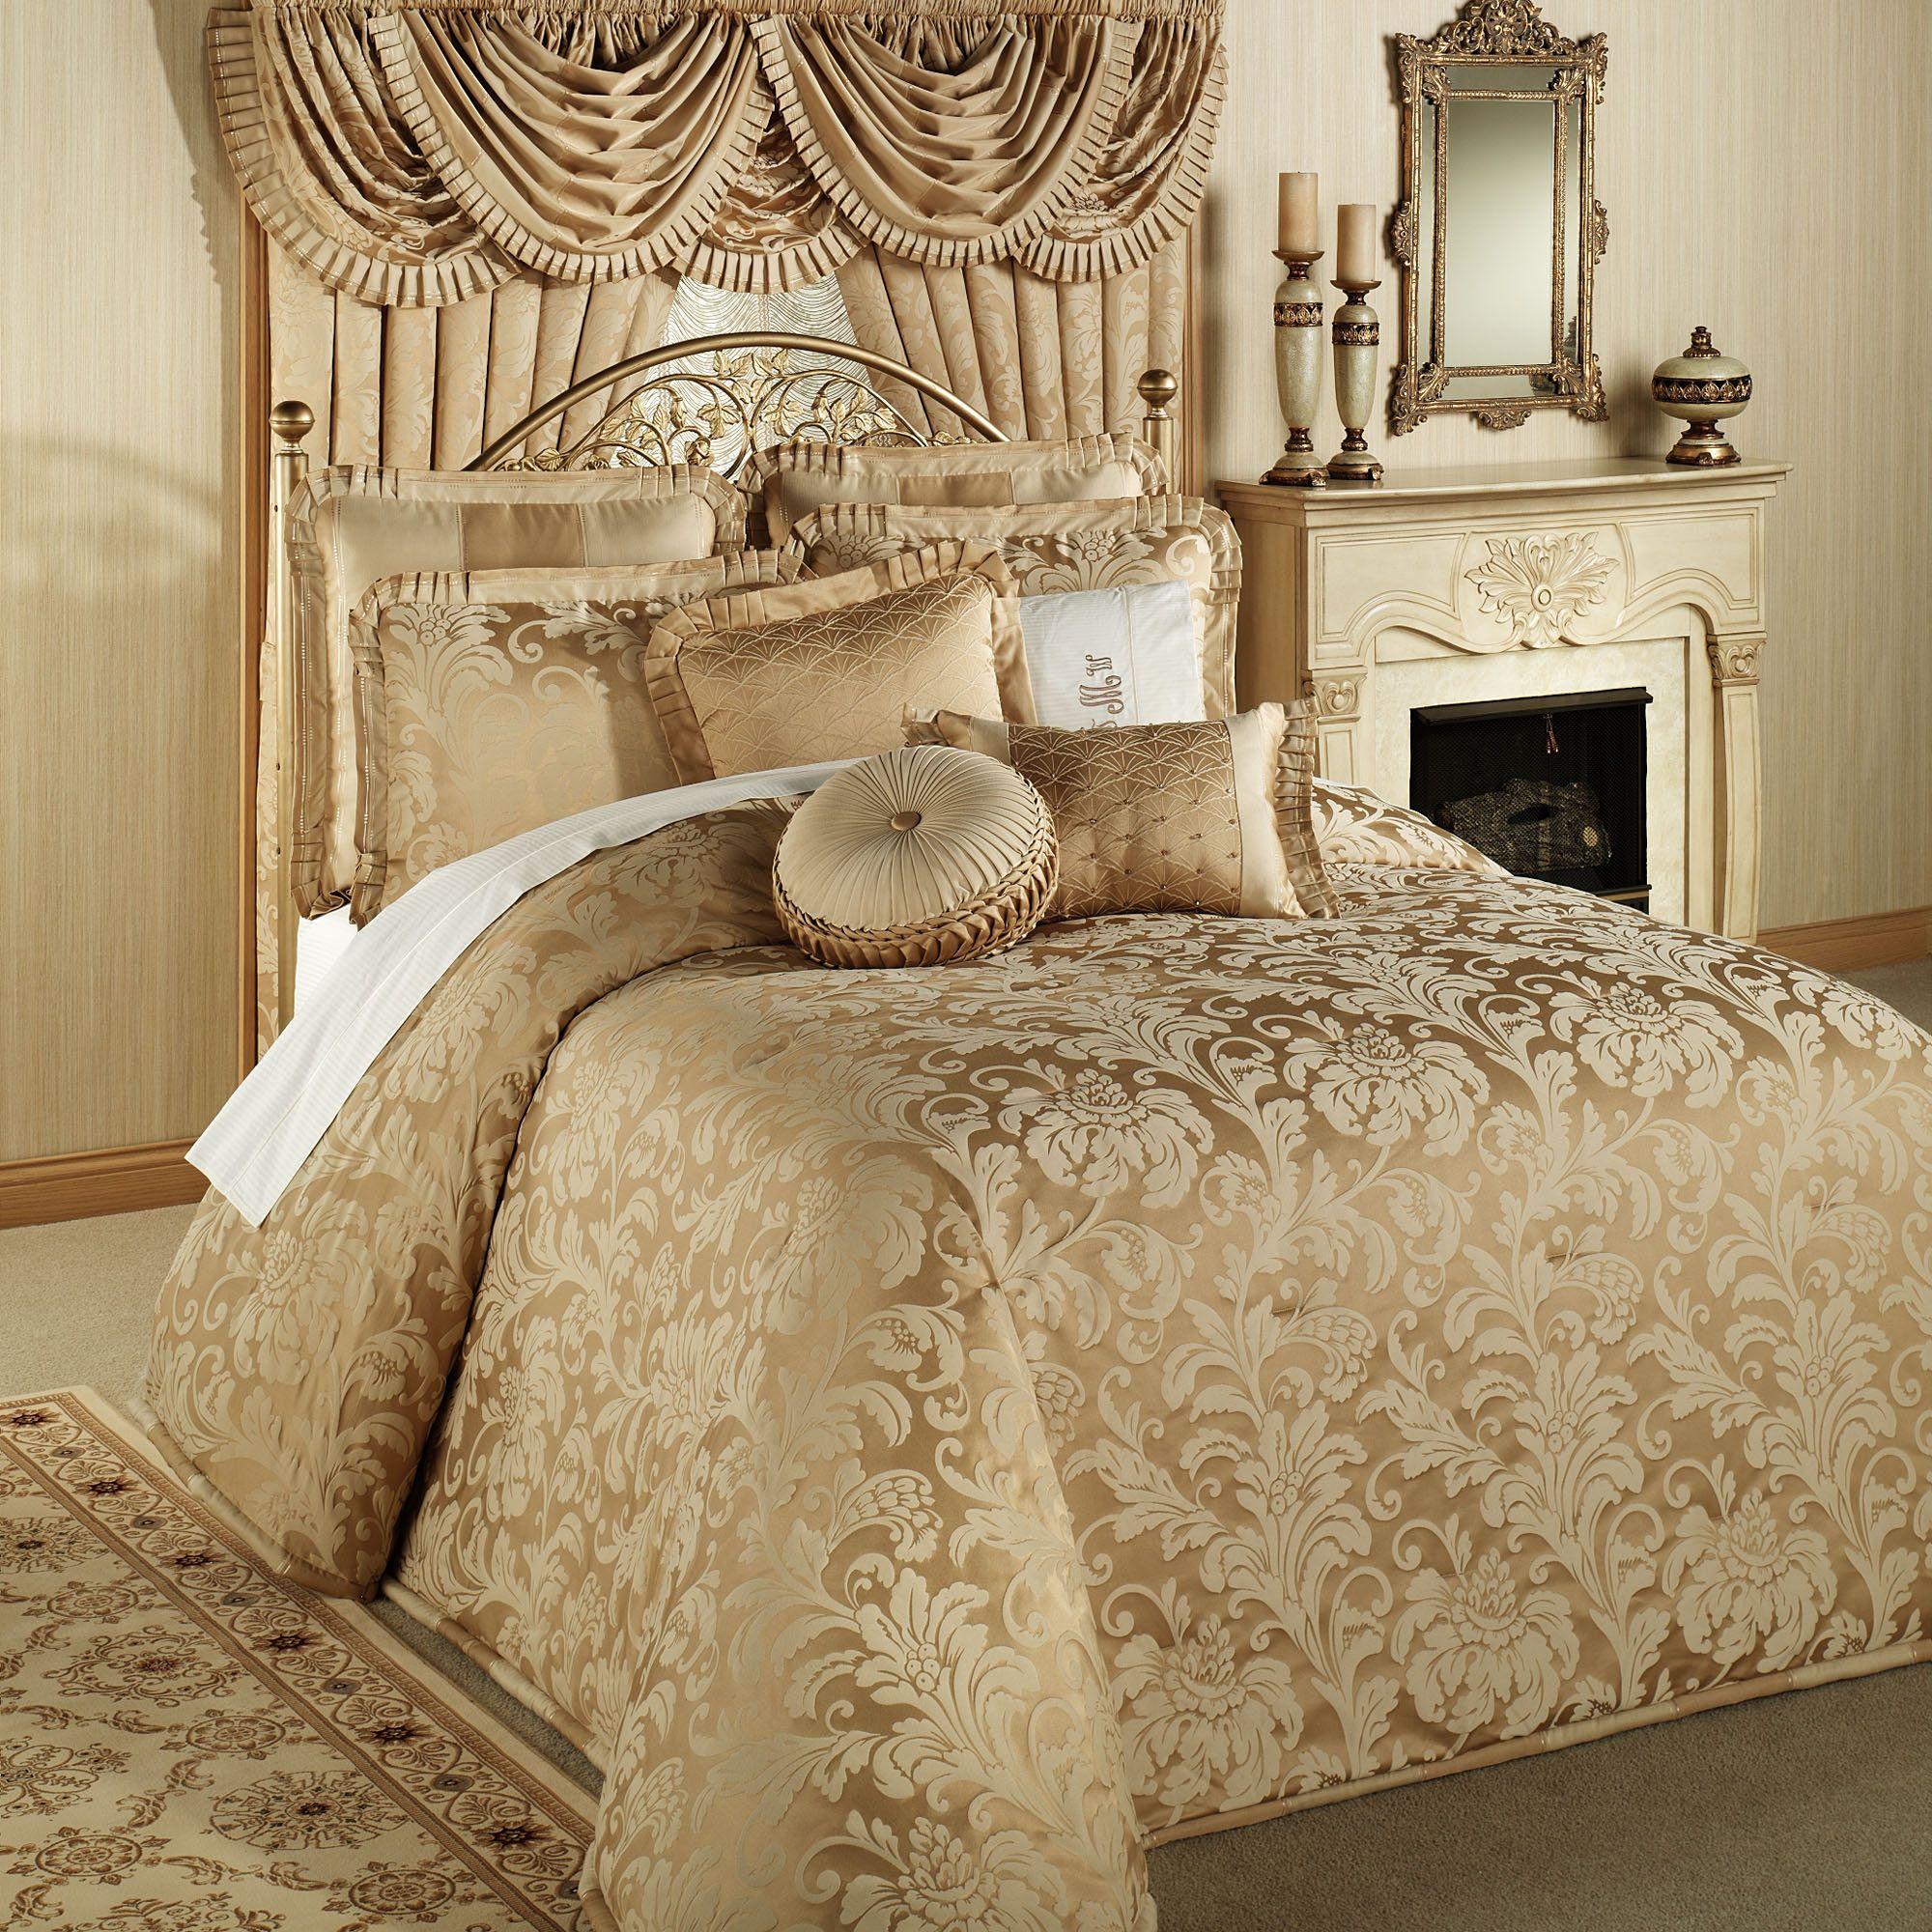 Regent Gold Oversized Bedspread Bedding Colcha Casal Decoracao De Quarto Jogos De Cama